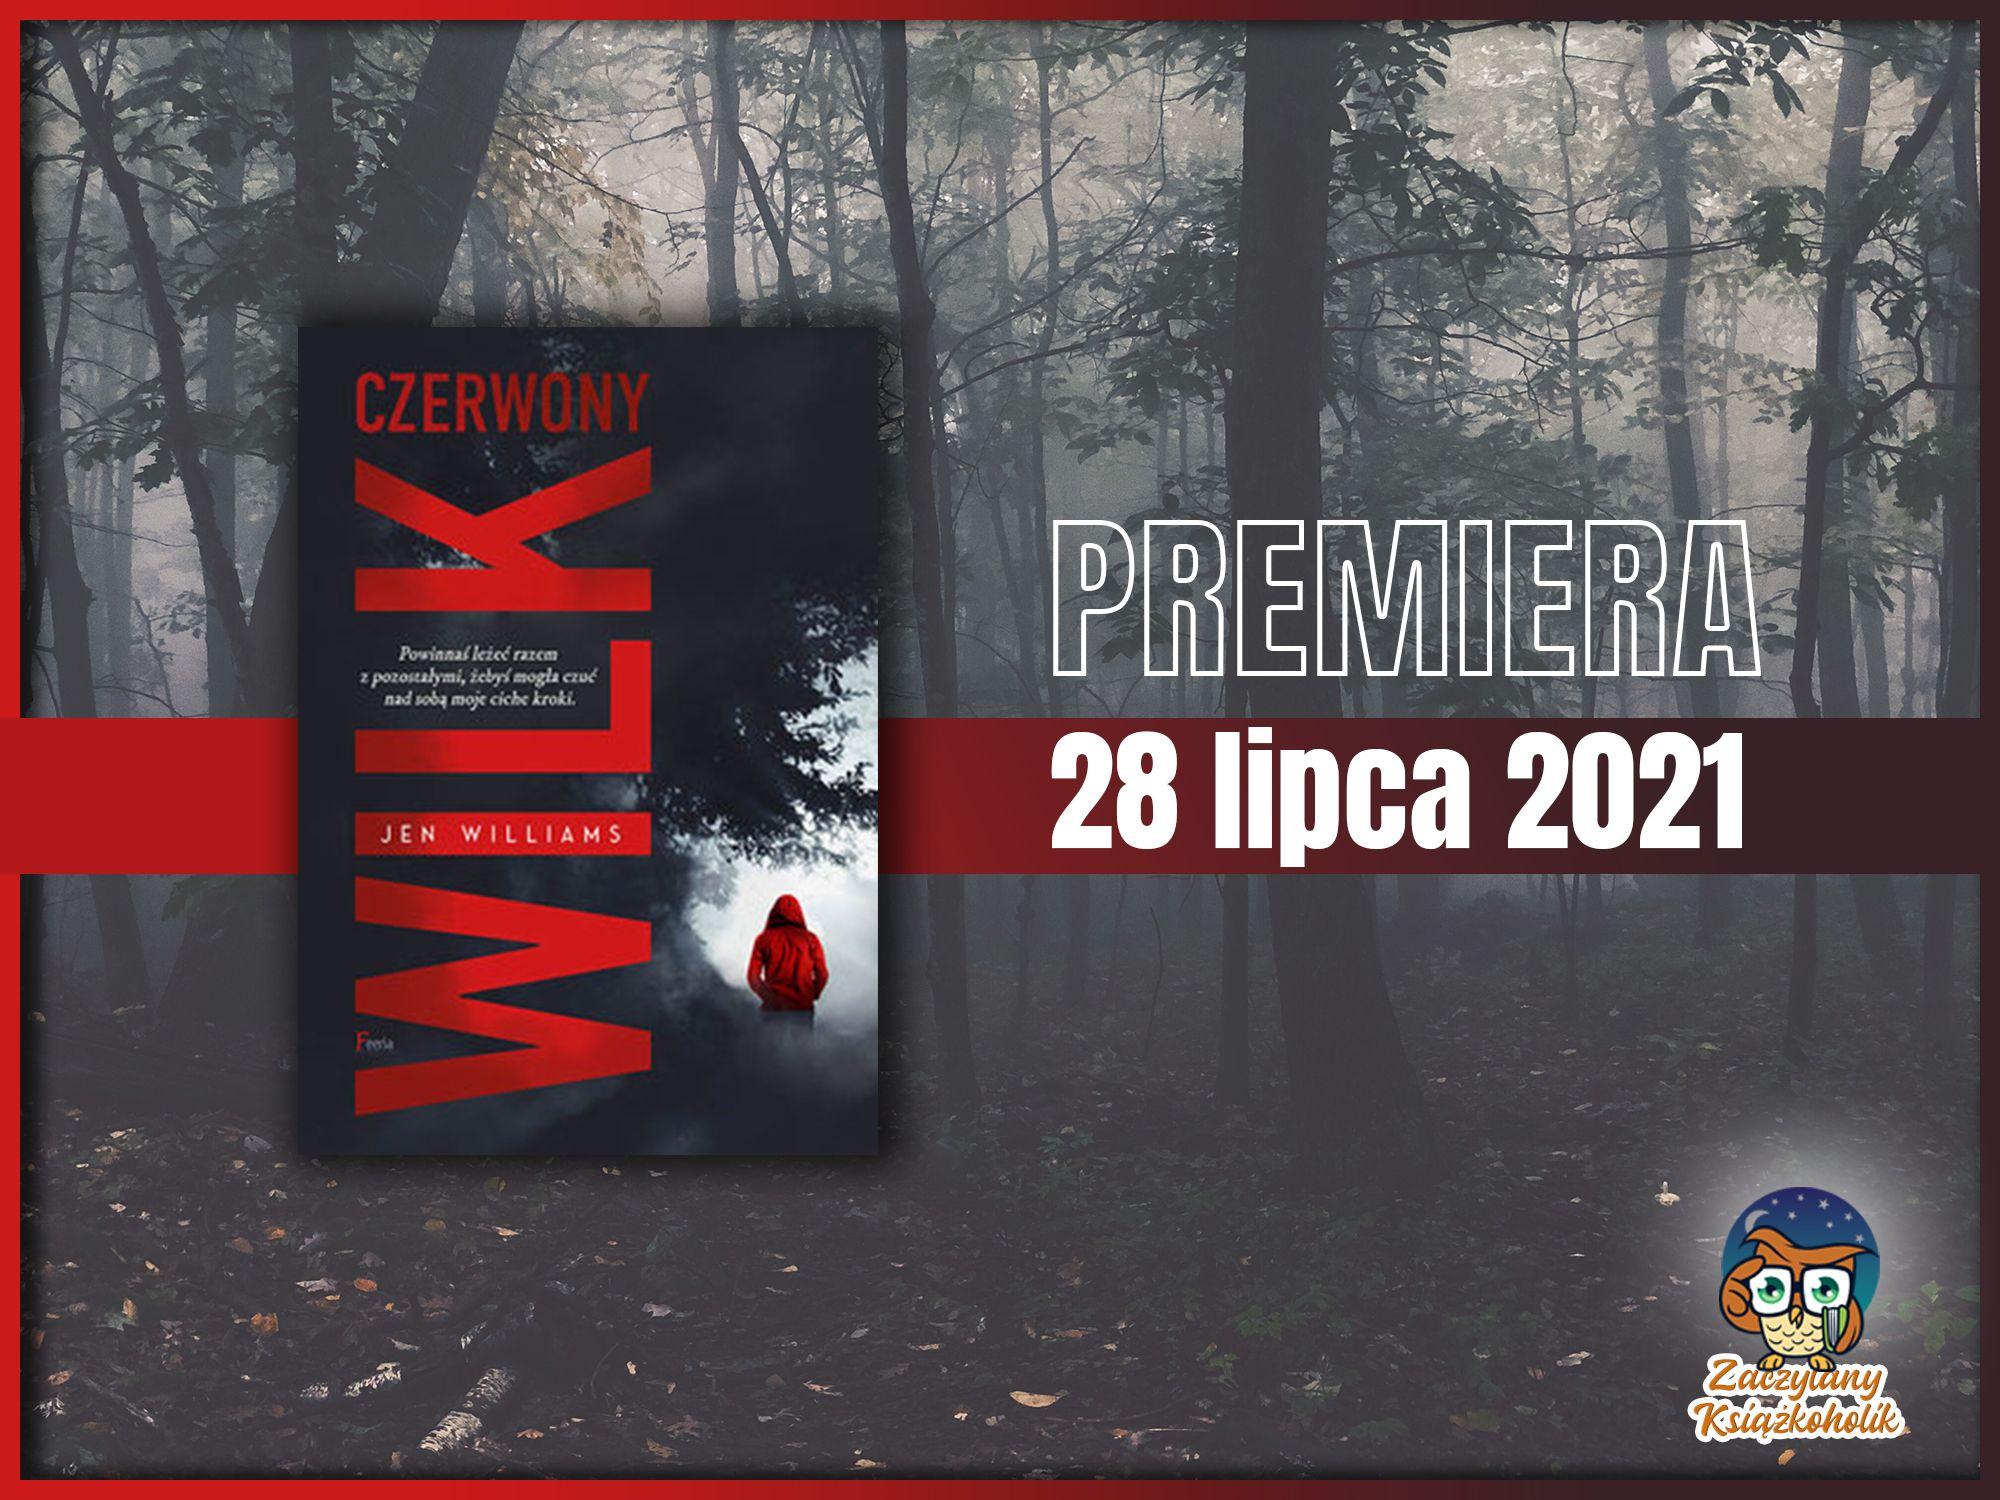 Czerwony wilk, Jen Williams, zaczytanyksiazkoholik.pl